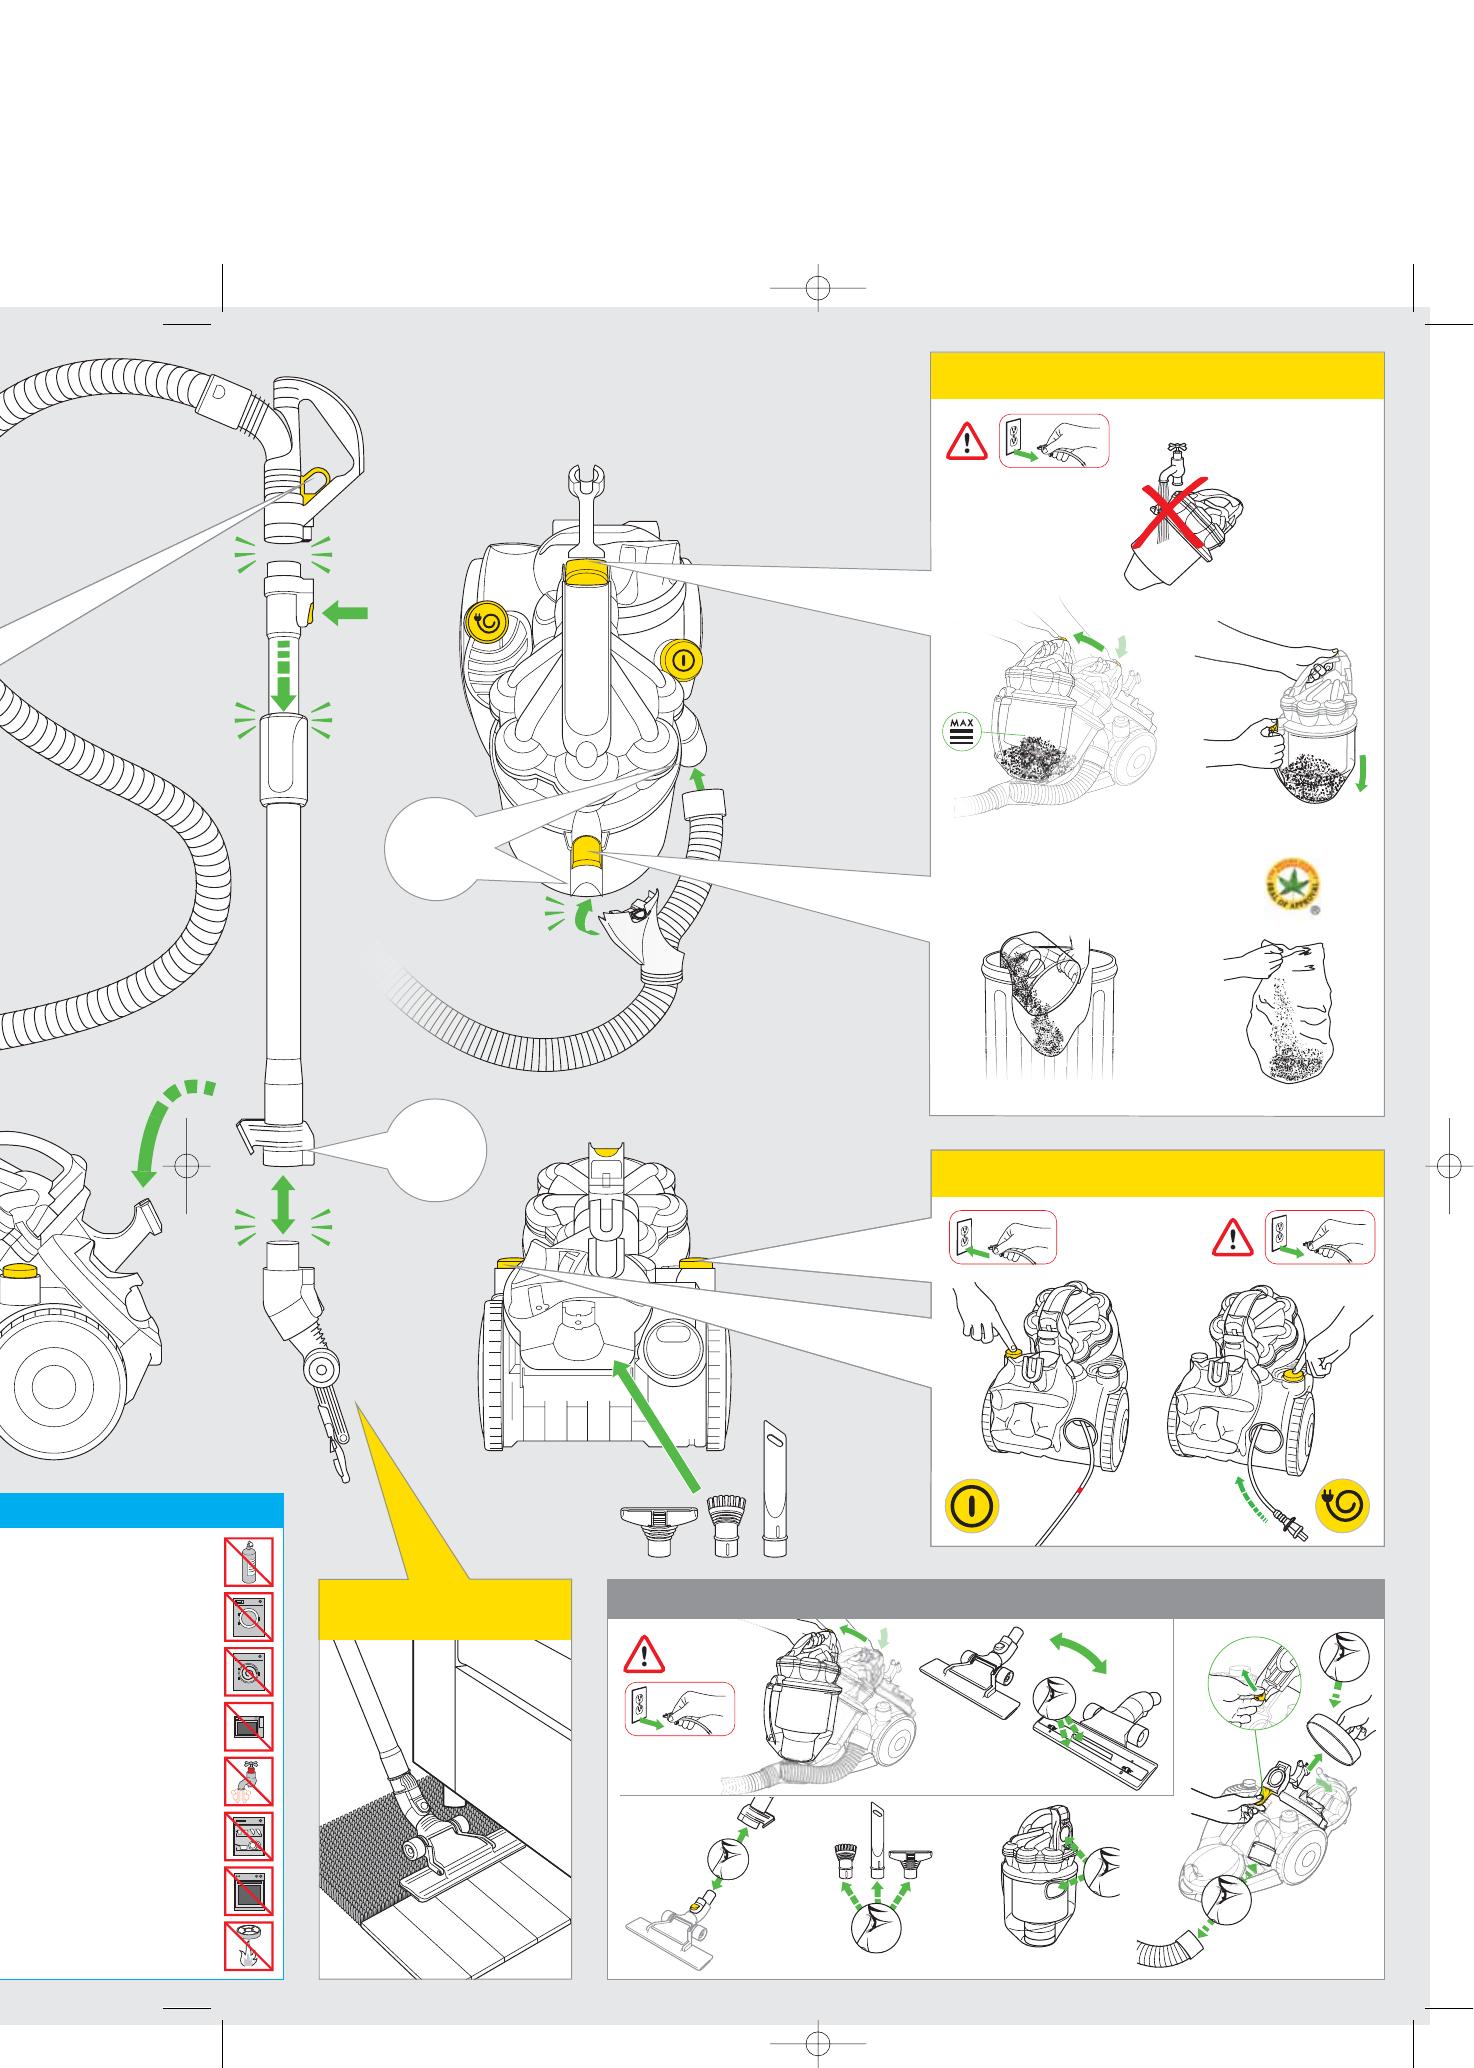 Инструкция к dyson dc29 цена на фен дайсон мечта в алматы